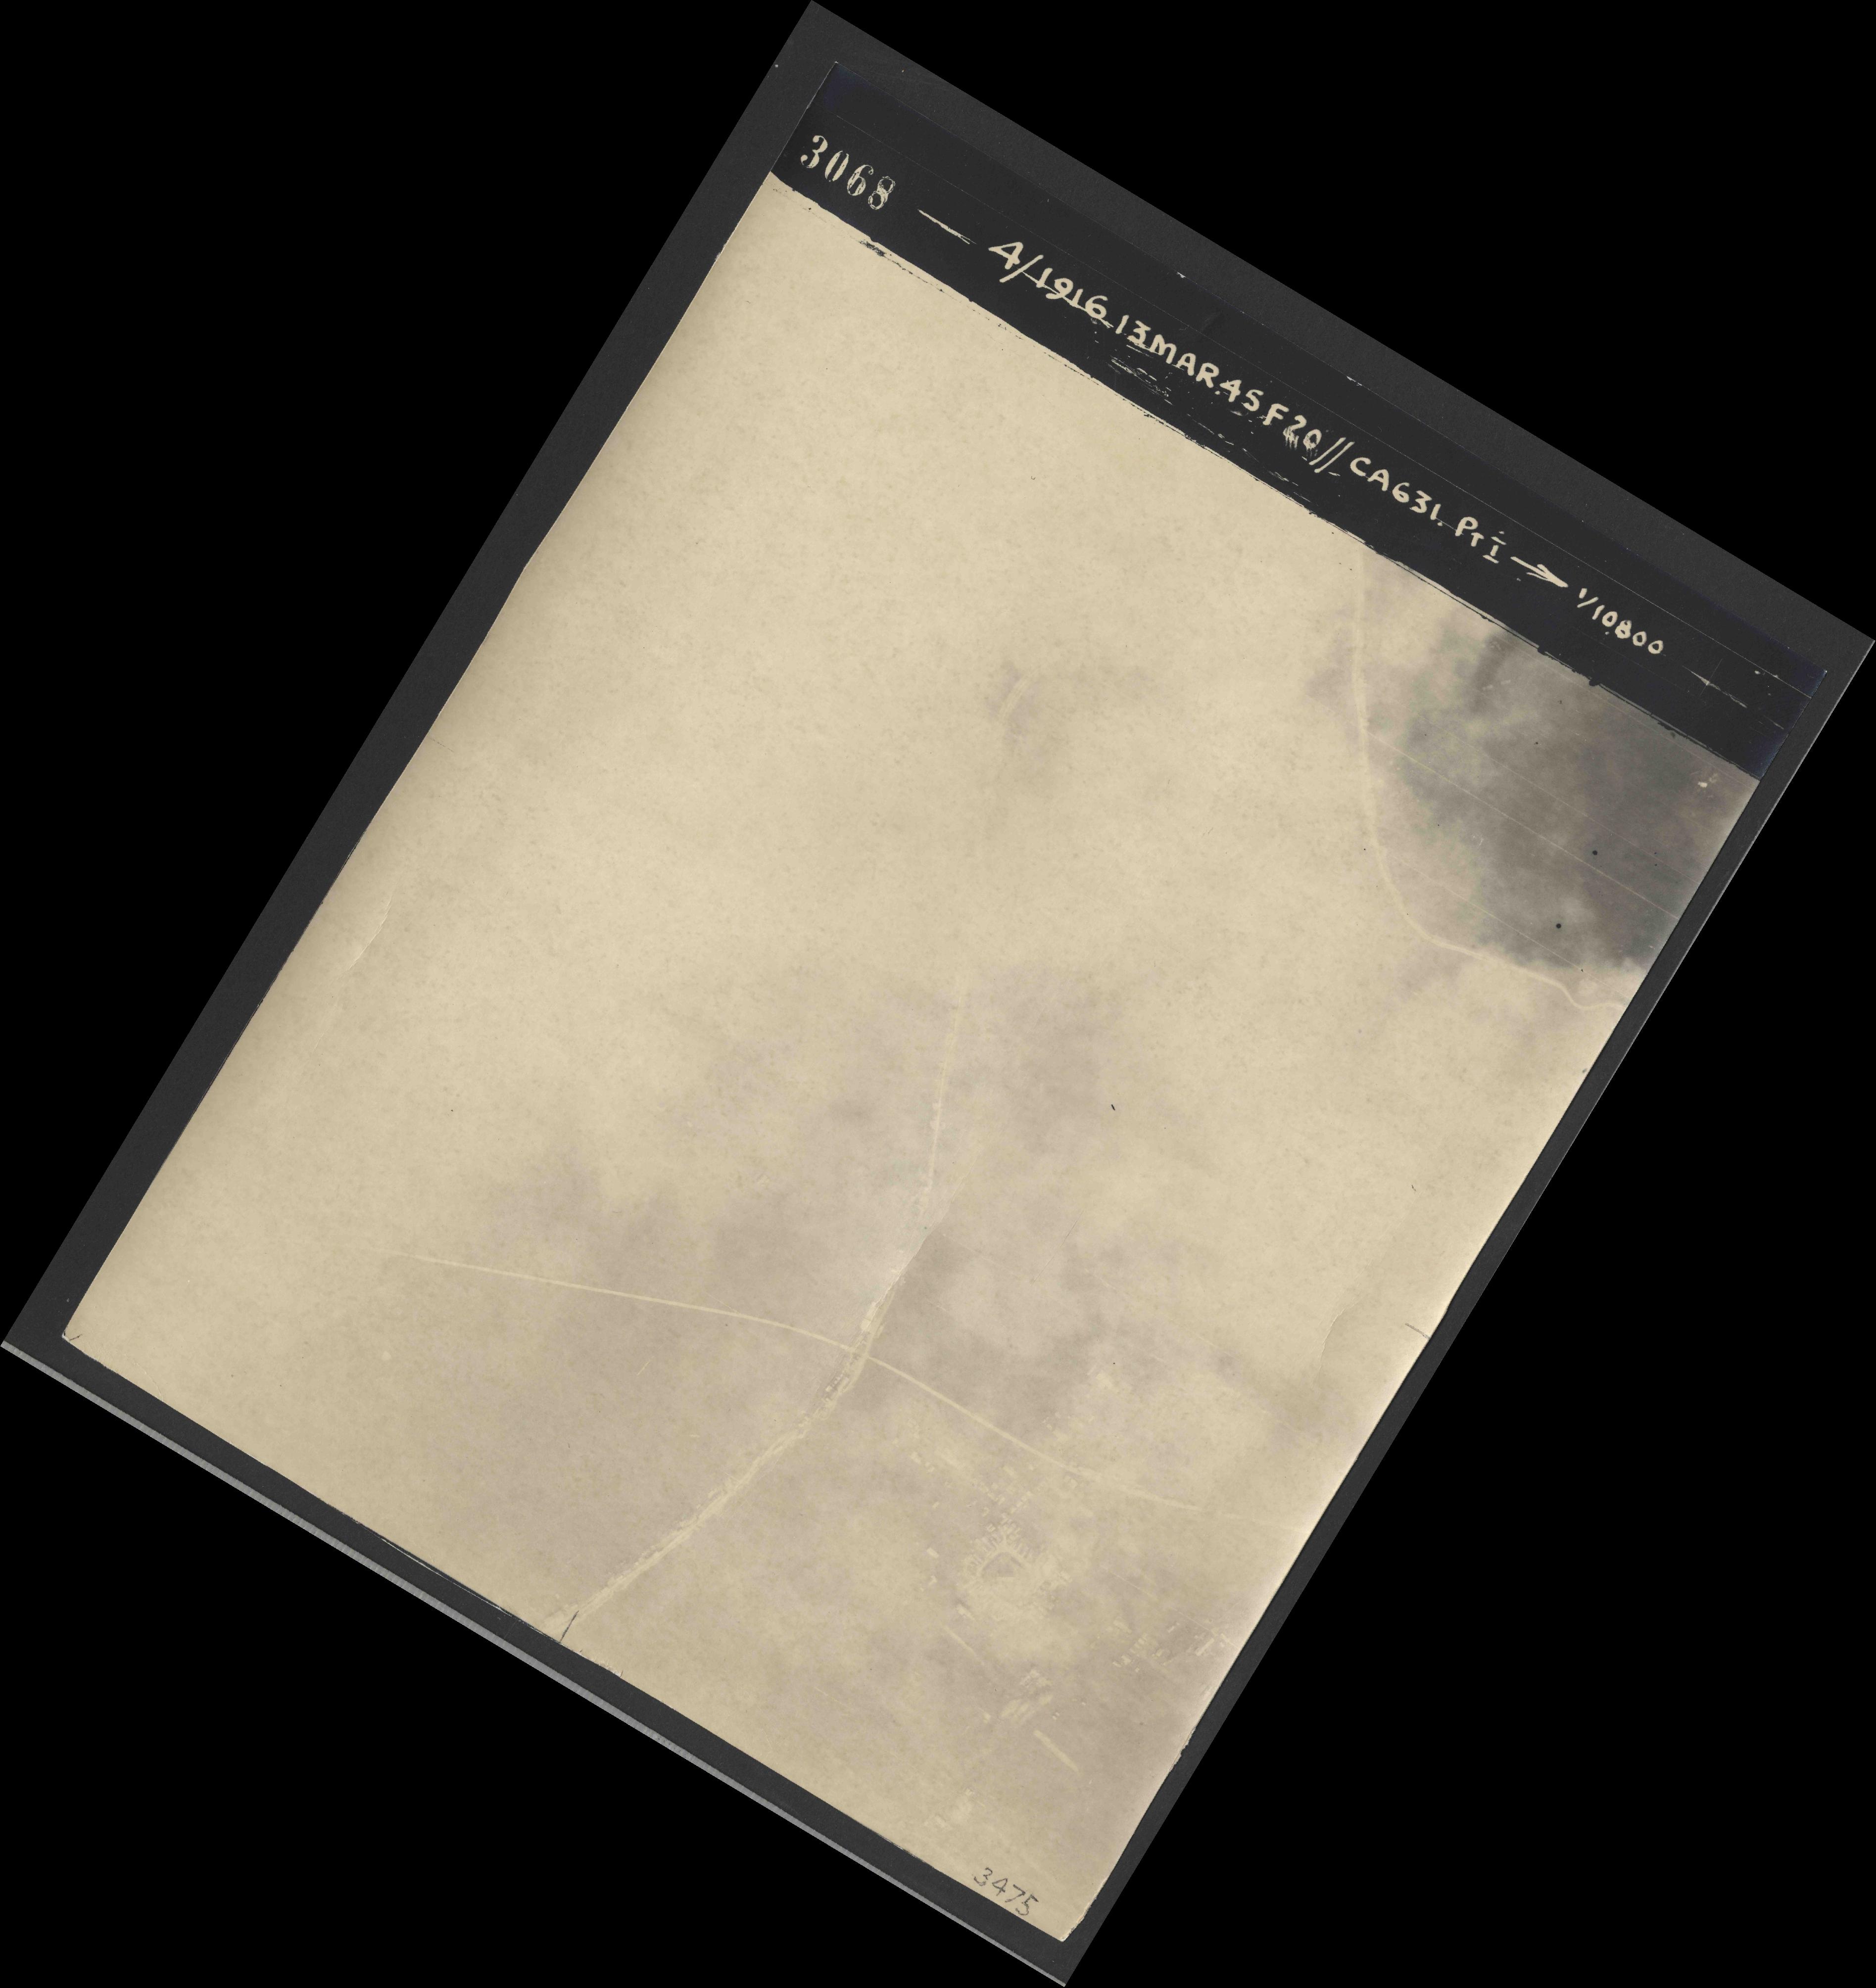 Collection RAF aerial photos 1940-1945 - flight 085, run 01, photo 3068